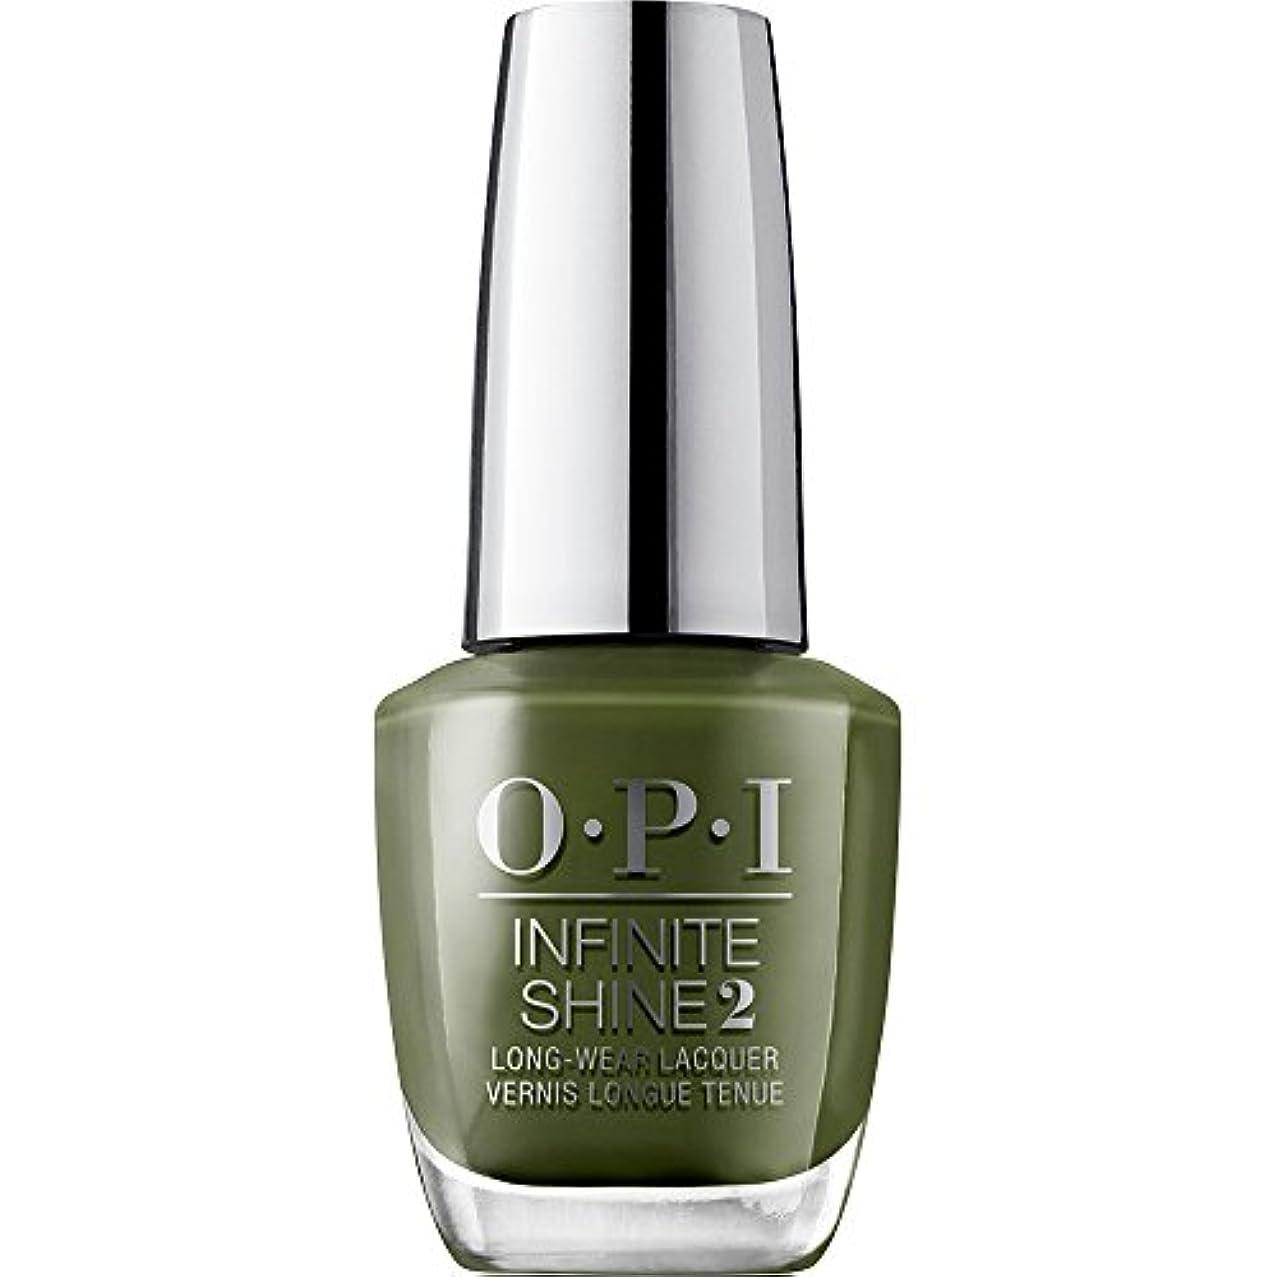 OPI(オーピーアイ) インフィニット シャイン ISL64 オリーブ フォー グリーン